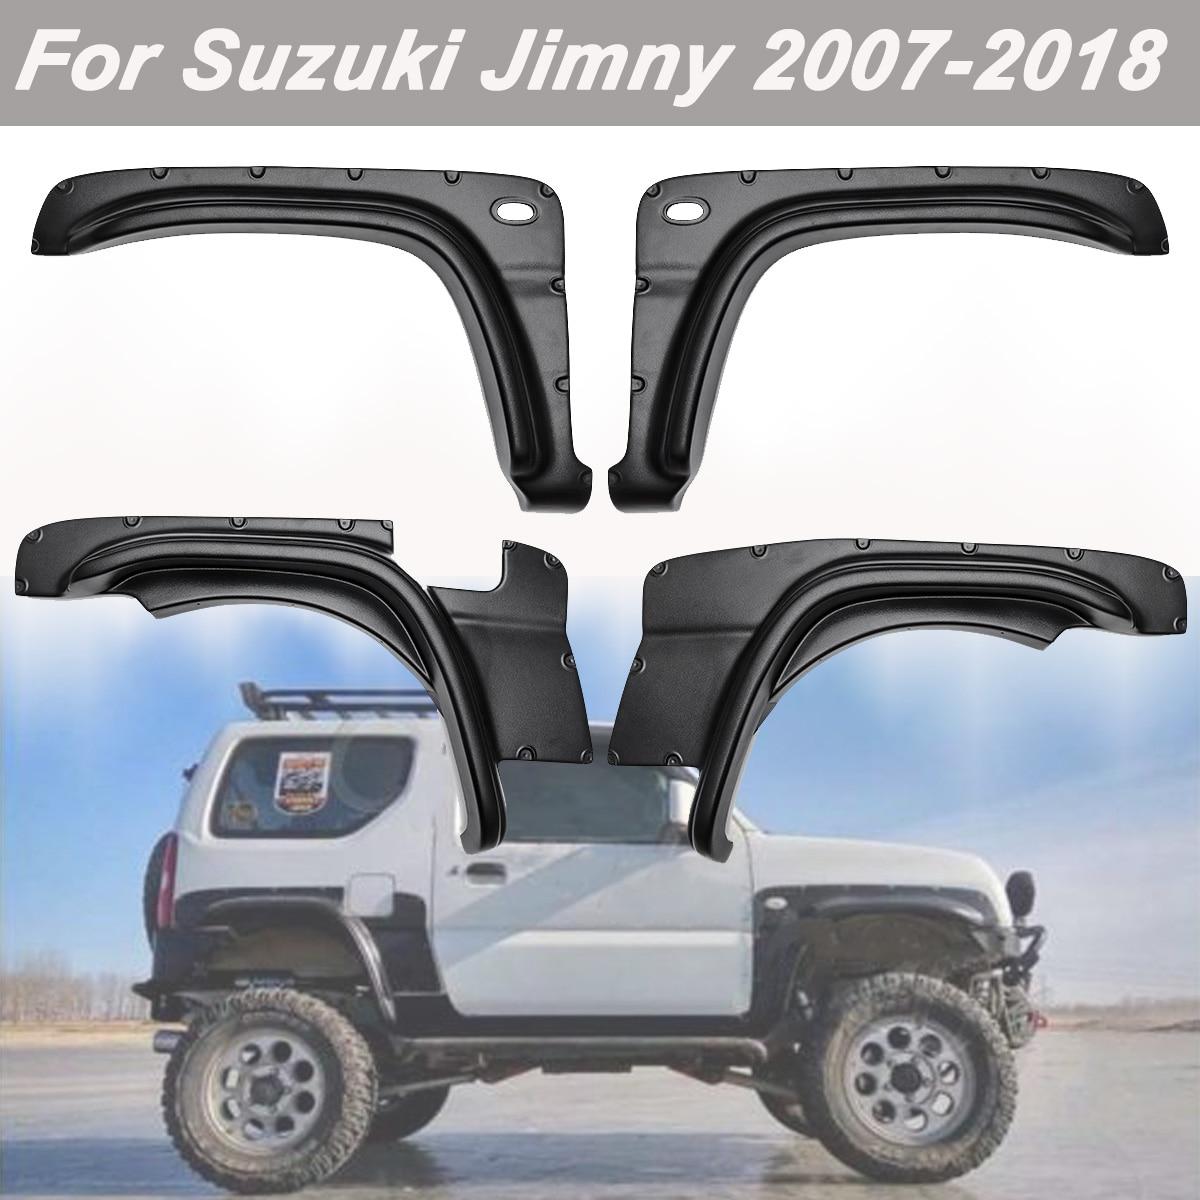 4 Uds. Guardabarros de arco redondo de cejas para rueda de coche guardabarros para Suzuki jimny 2007-2017